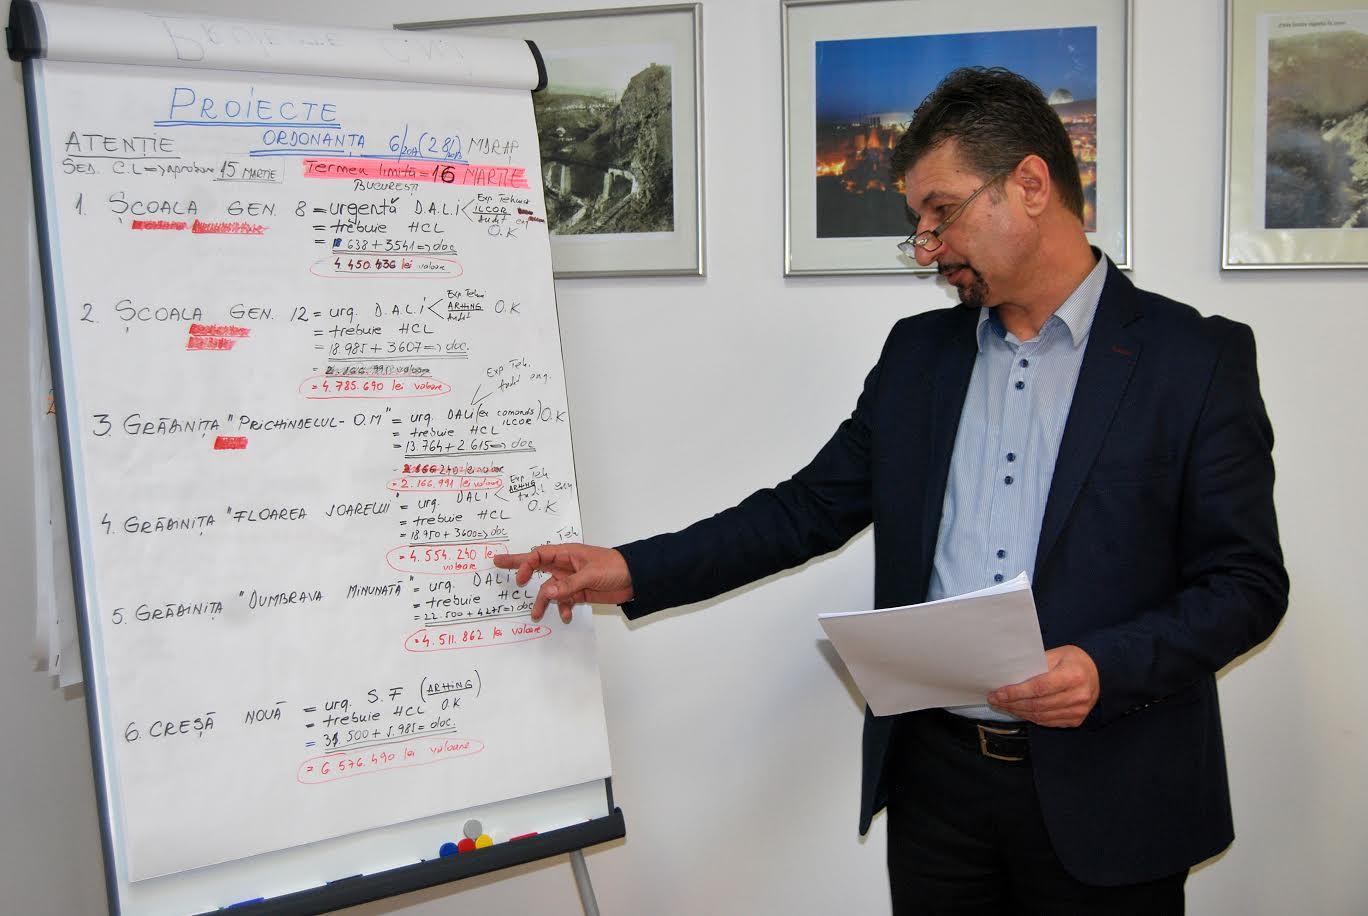 Hunedoara îşi creşte bugetul pentru că, în ultimii ani, a întocmit proiecte pentru care a obţinut sau e pe cale să obţină finanţări guvernamentale sau europene, lucru pe care Deva nu l-a mai făcut aproape deloc în 2016 şi 2017.